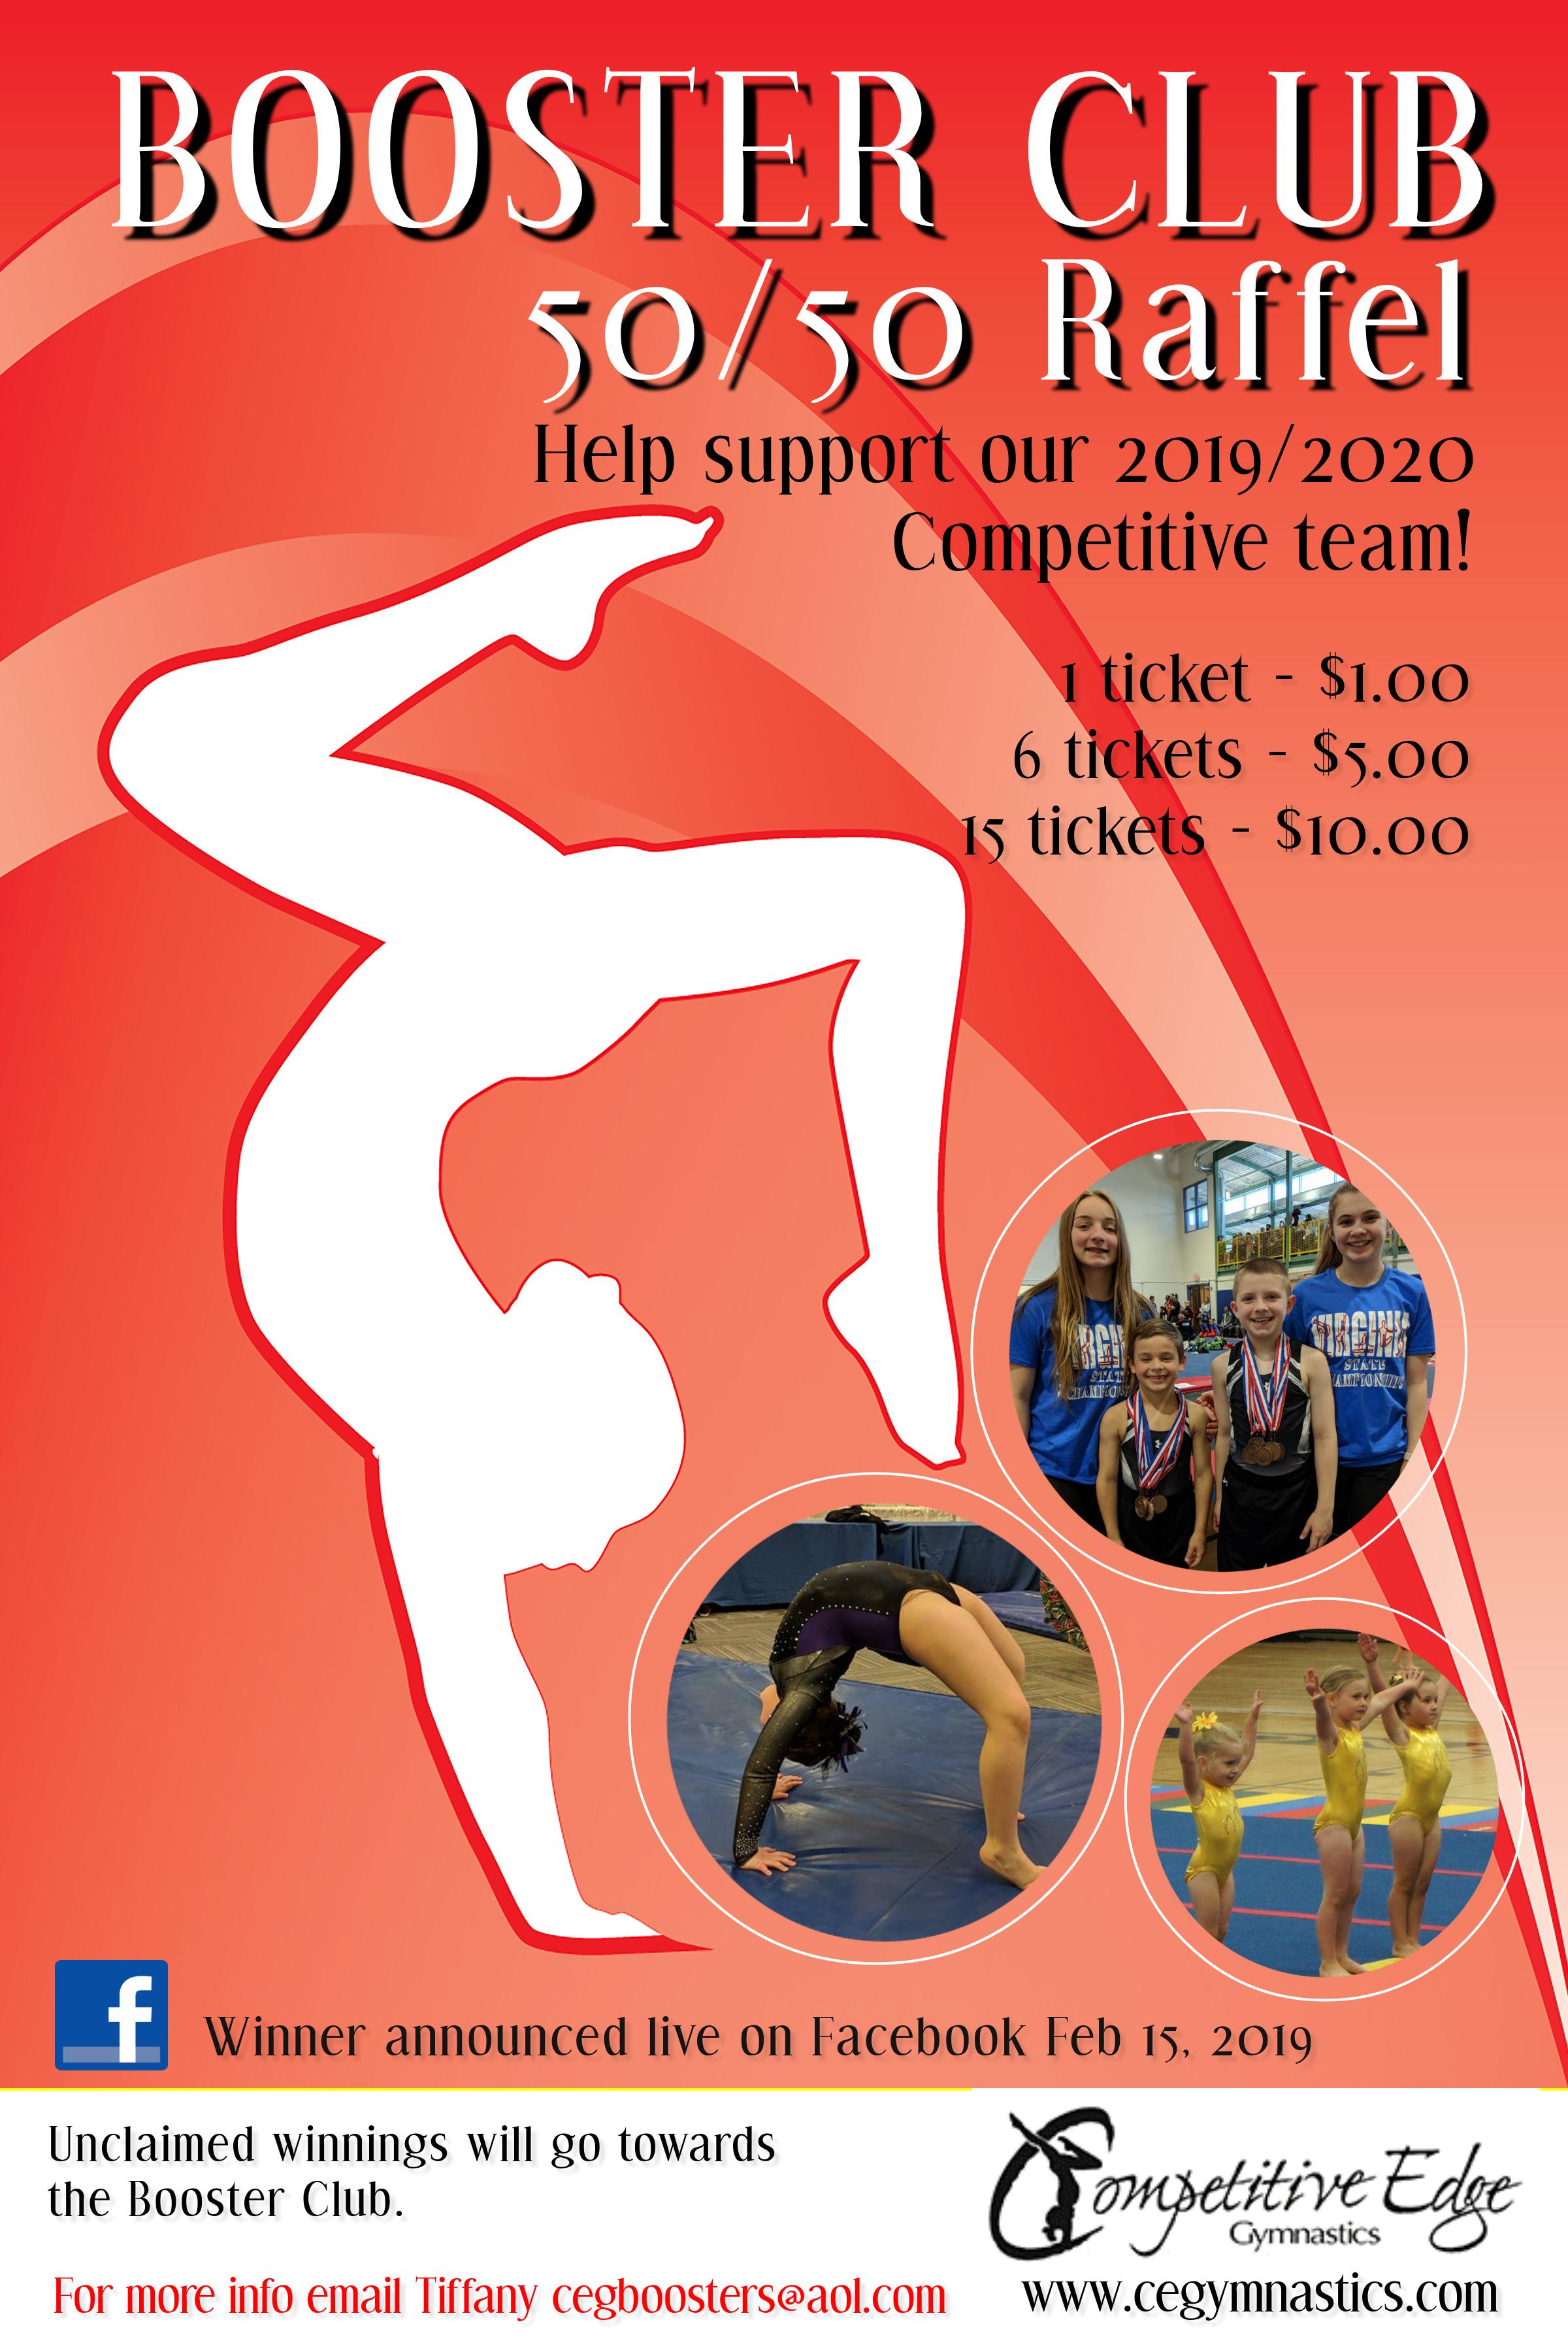 Competitive Edge GymnasticsG-raffel- flyer